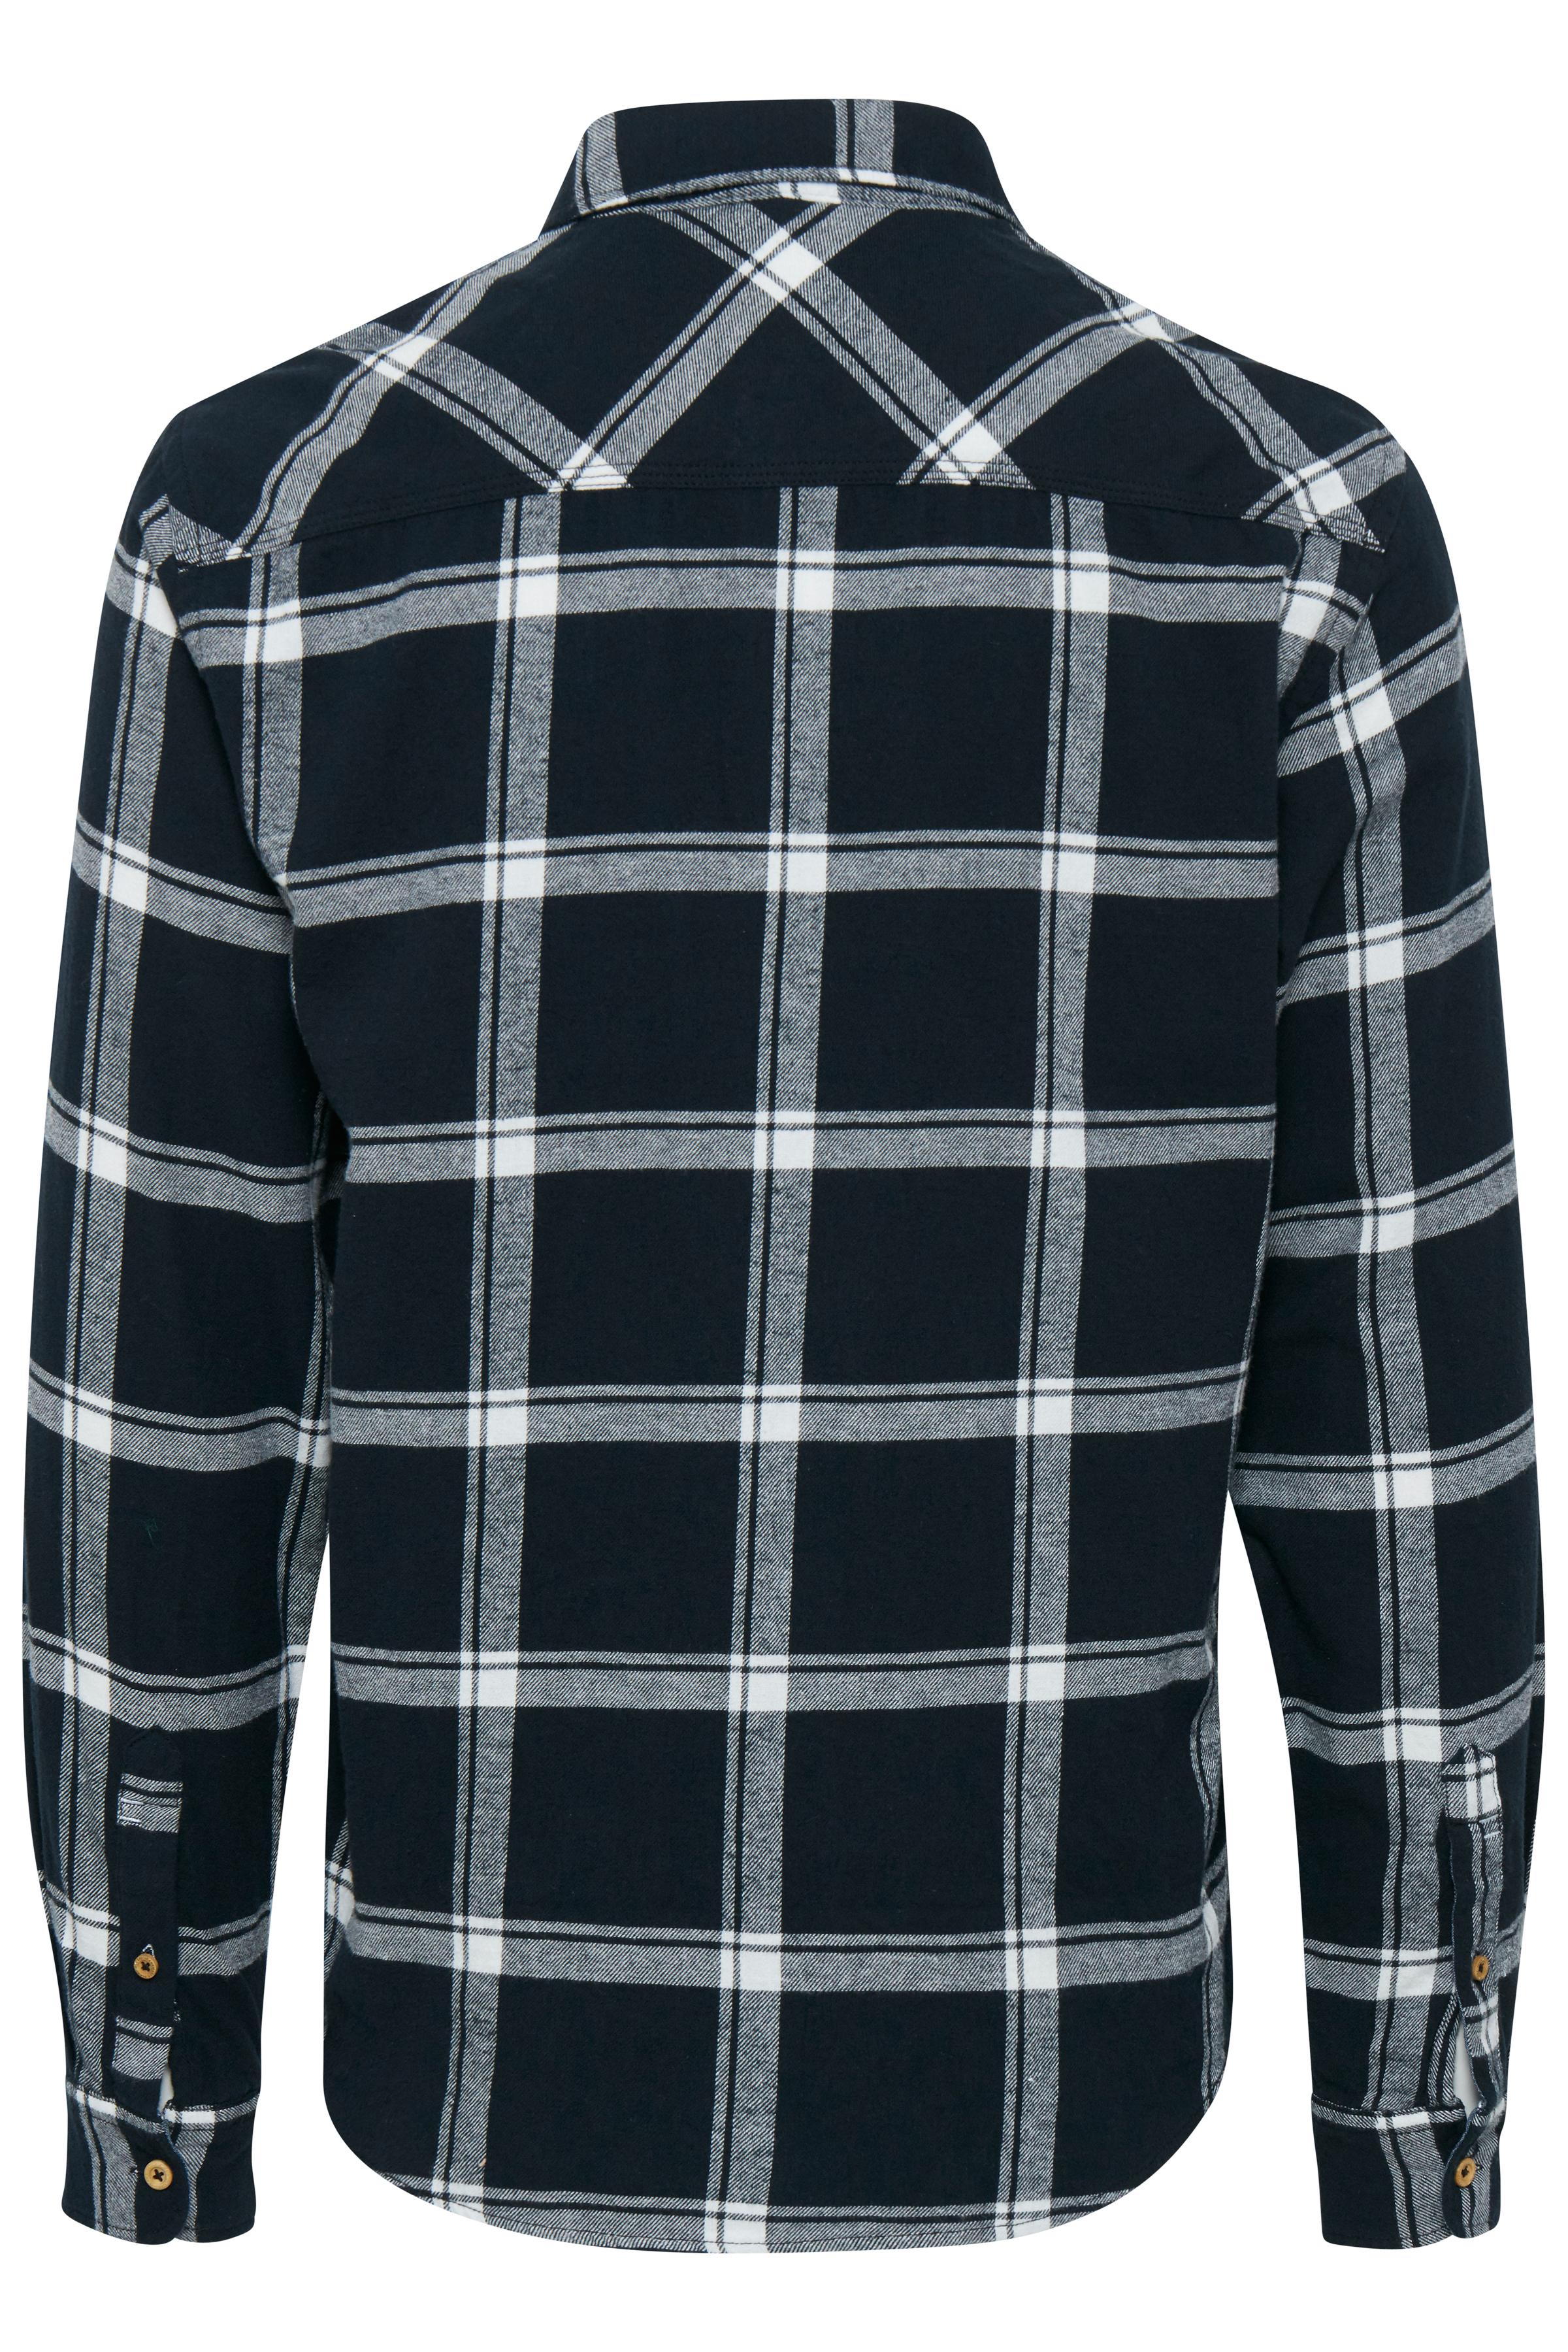 Sort Langærmet skjorte fra Blend He – Køb Sort Langærmet skjorte fra str. S-3XL her